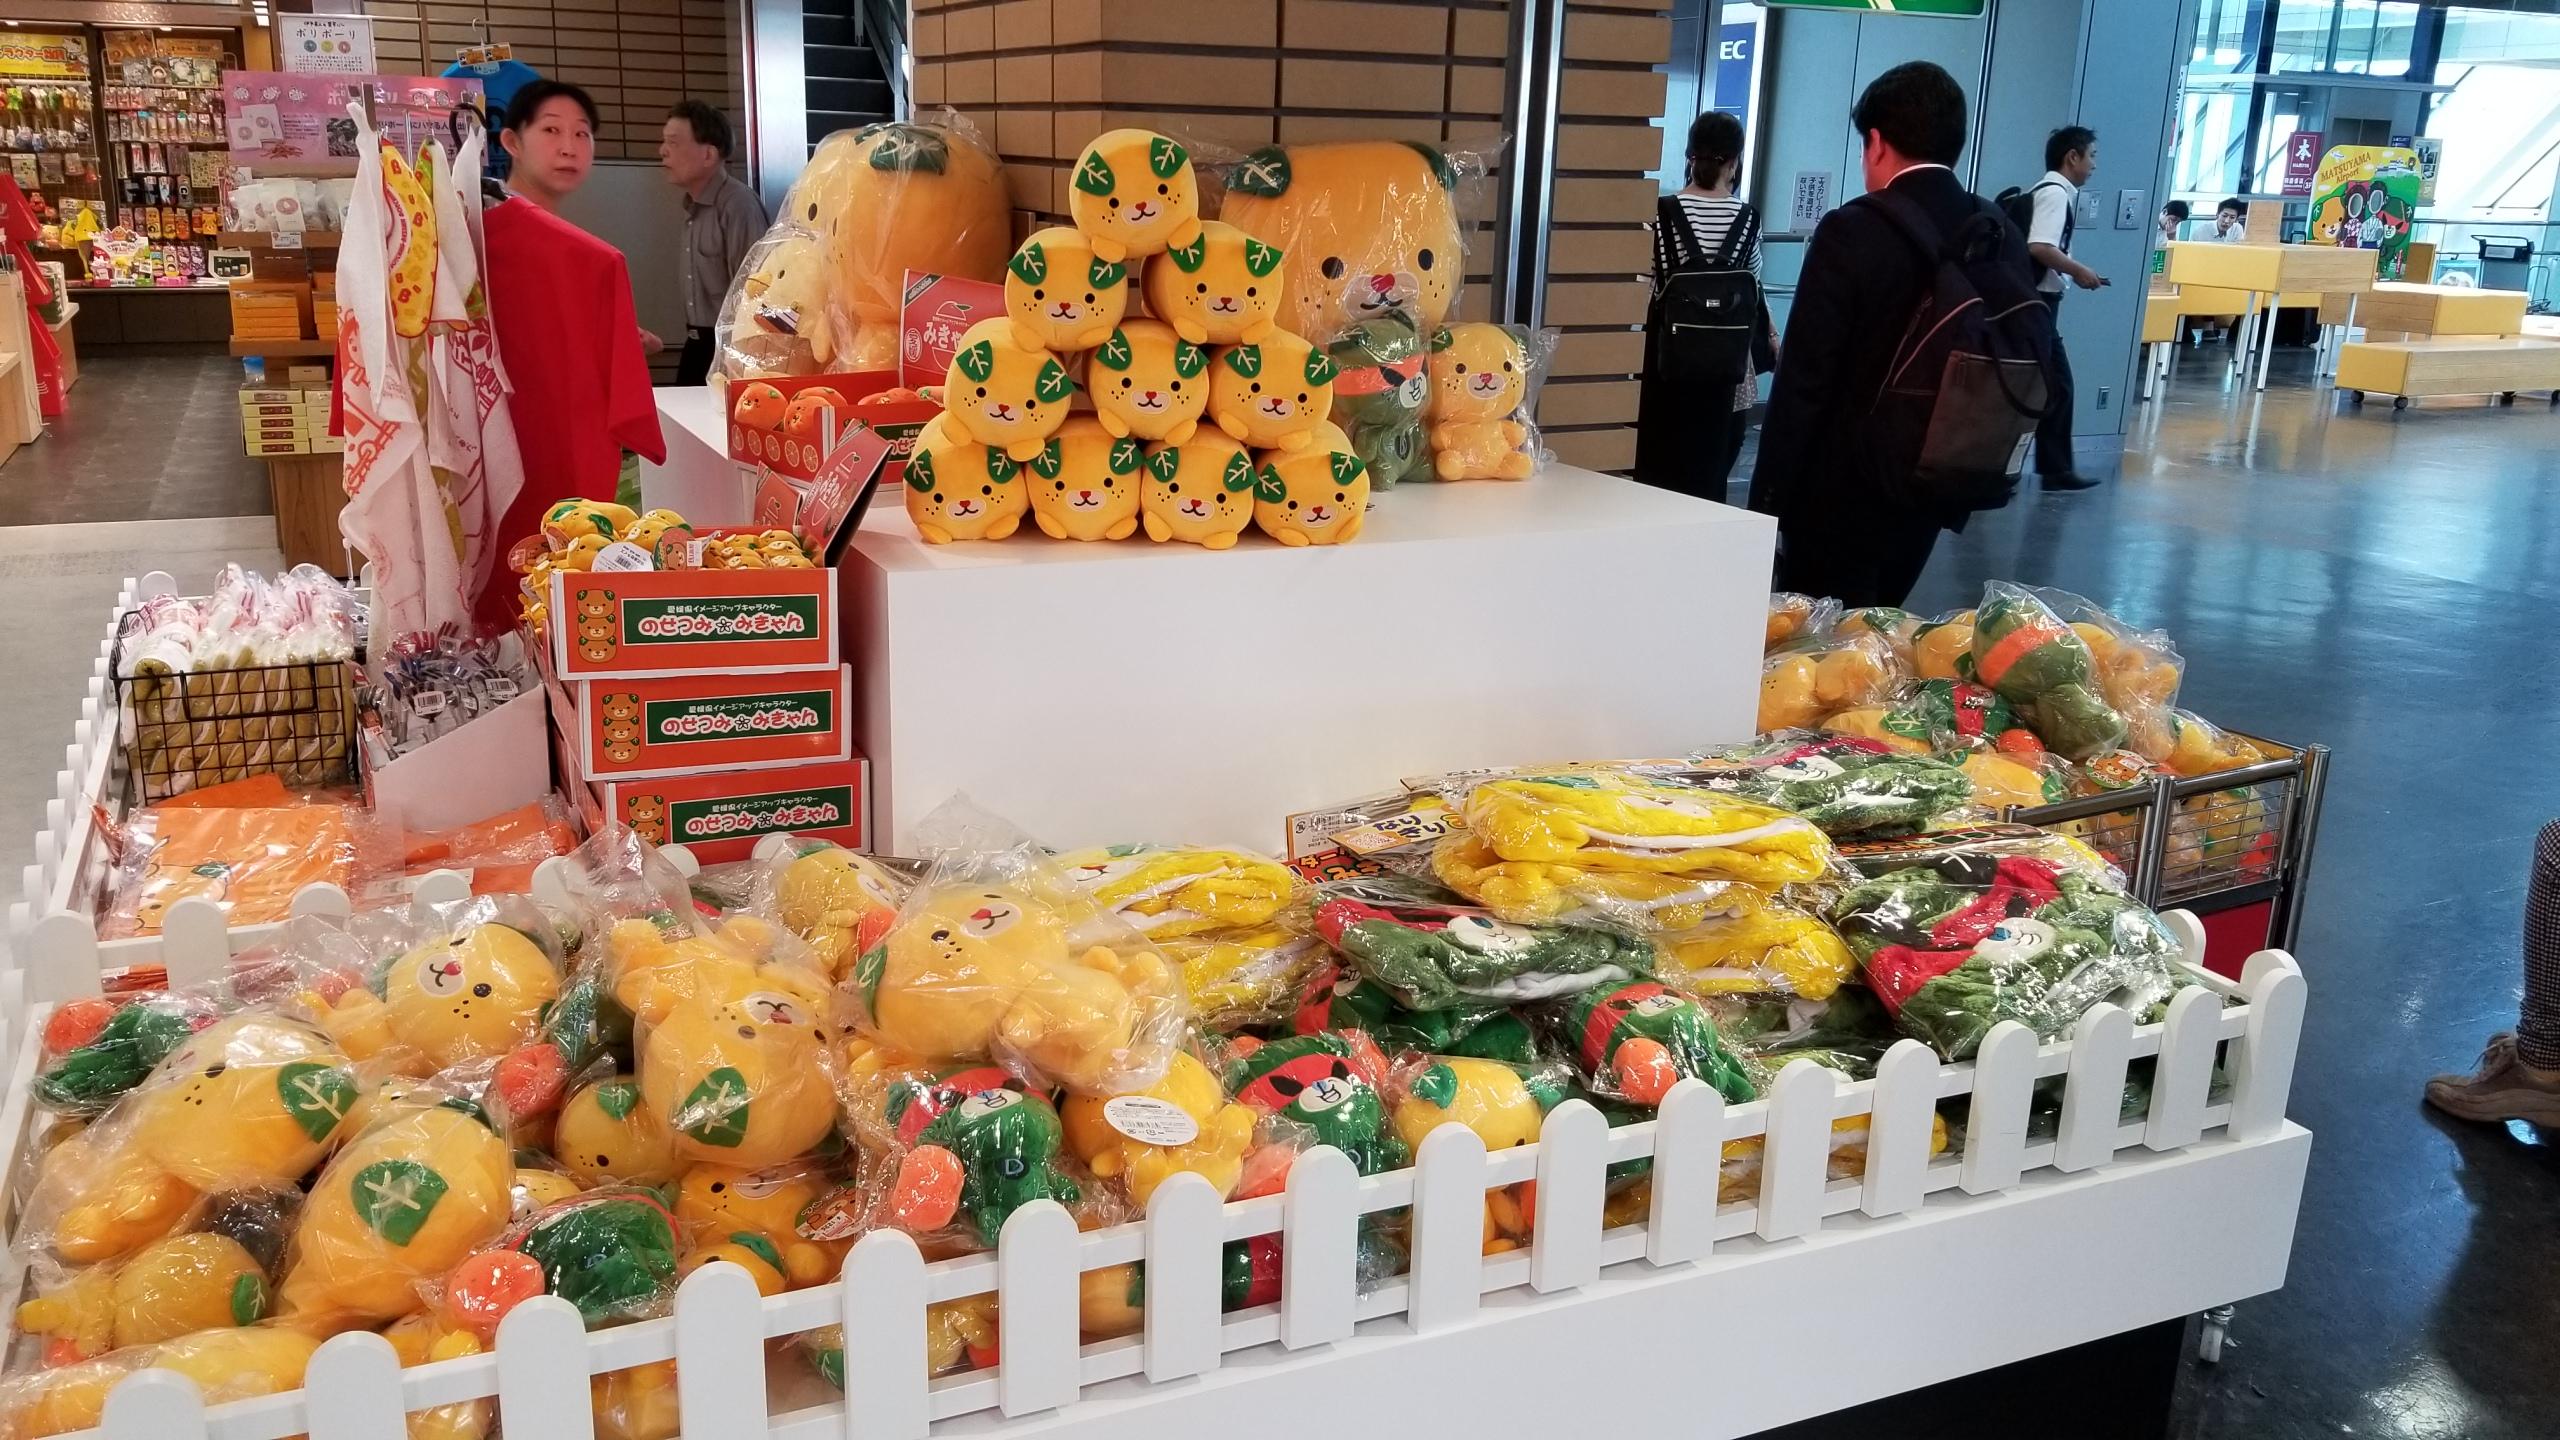 浅草旅行離陸前,愛媛空港,土産店,みきゃんグッズ,お菓子,ゆるキャラ